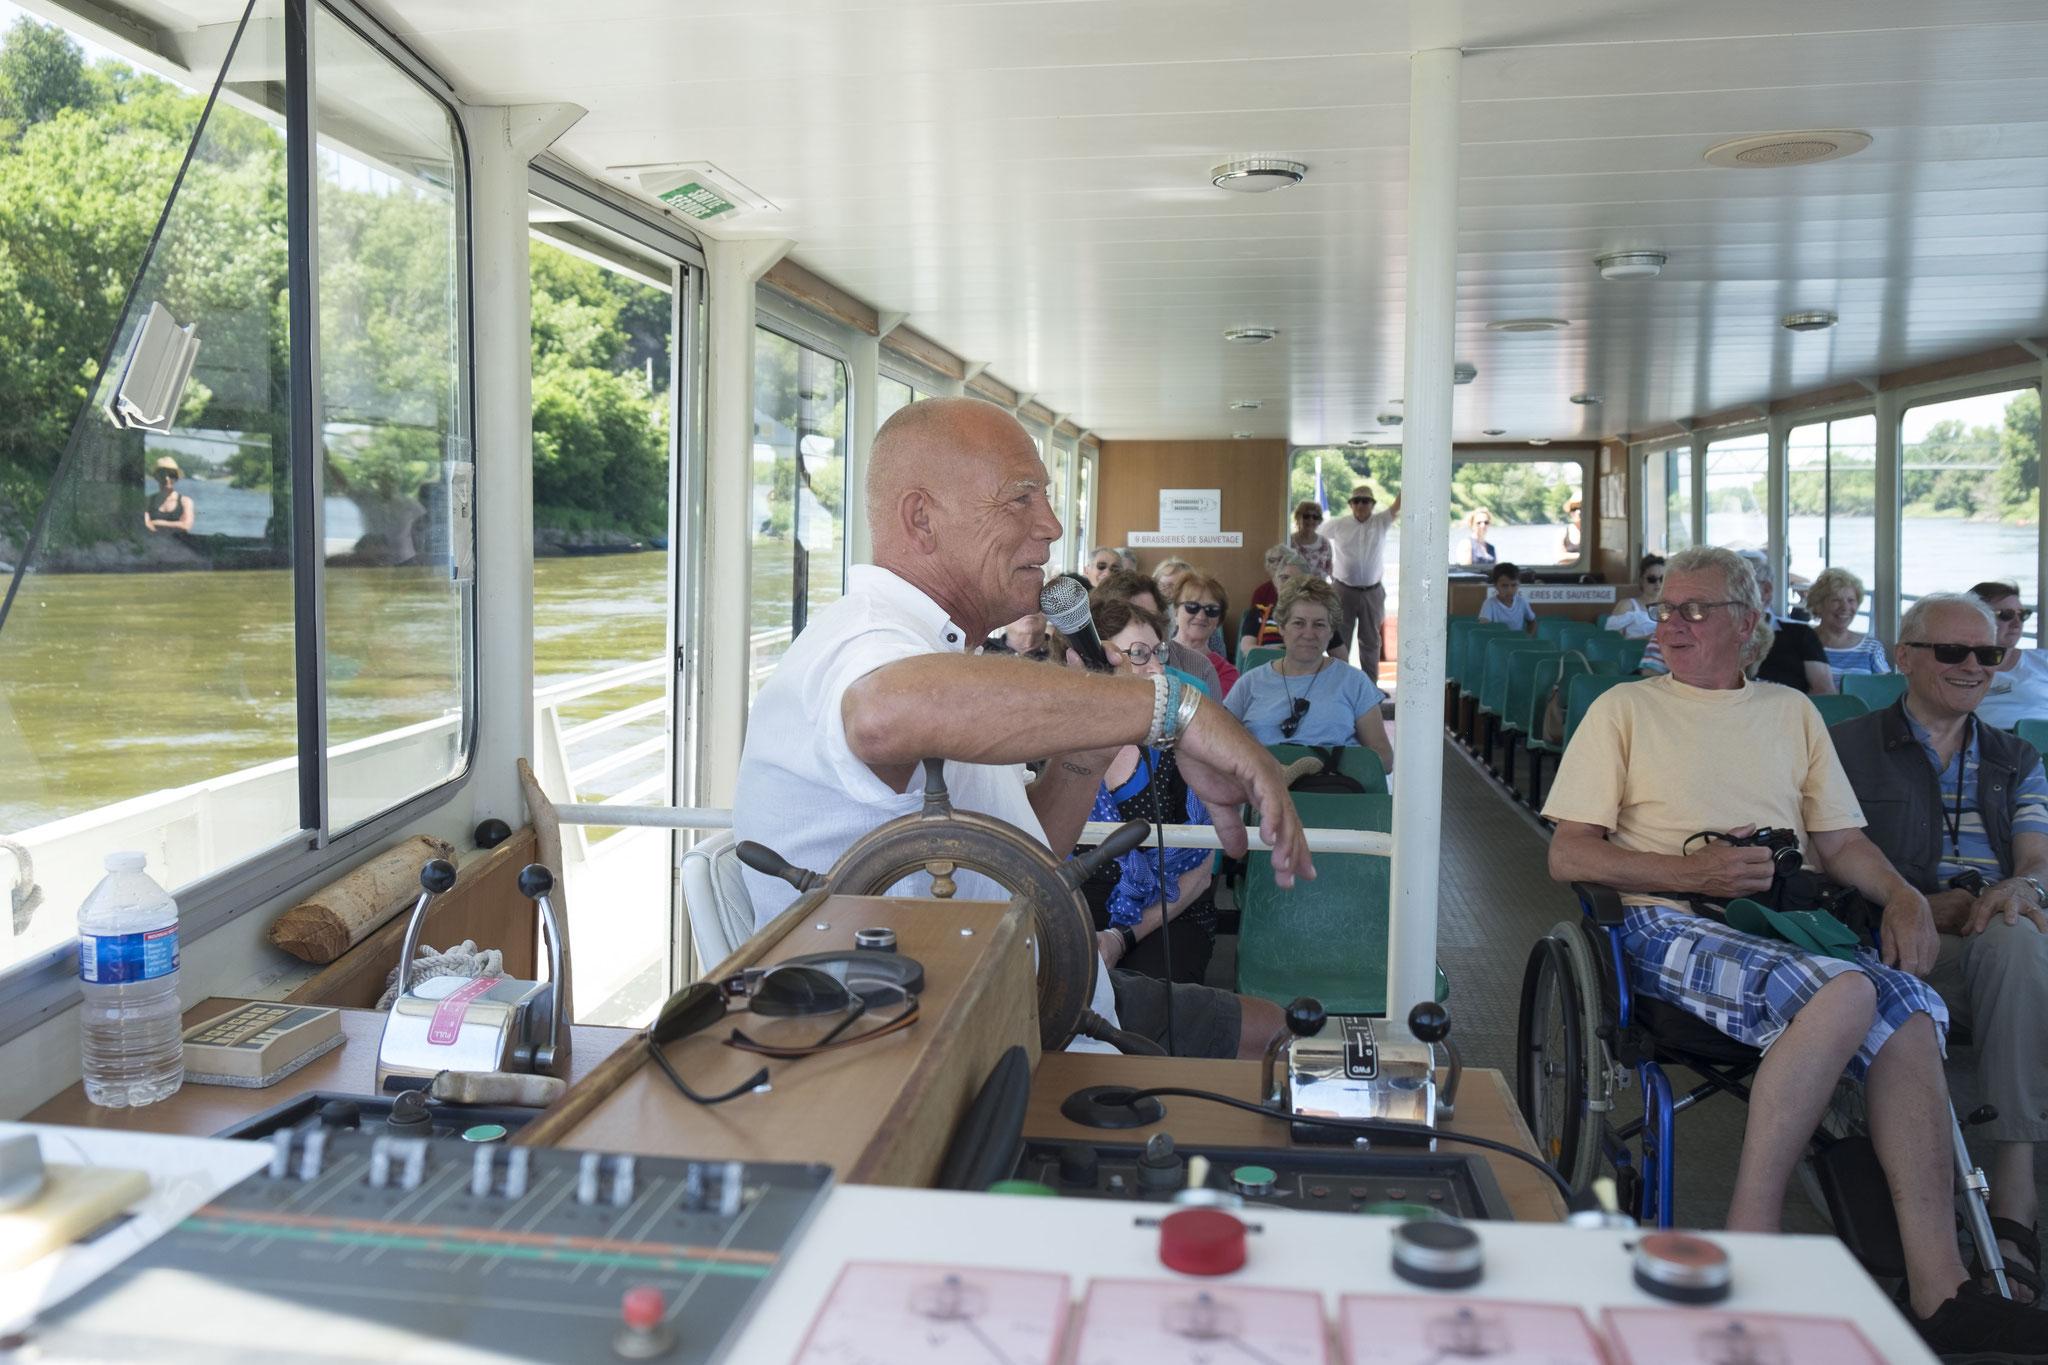 Jean-Patrick à bord de son bateau, expliquant à ses passagers l'histoire de la Loire et ses différentes anecdotes, © Dominique Drouet